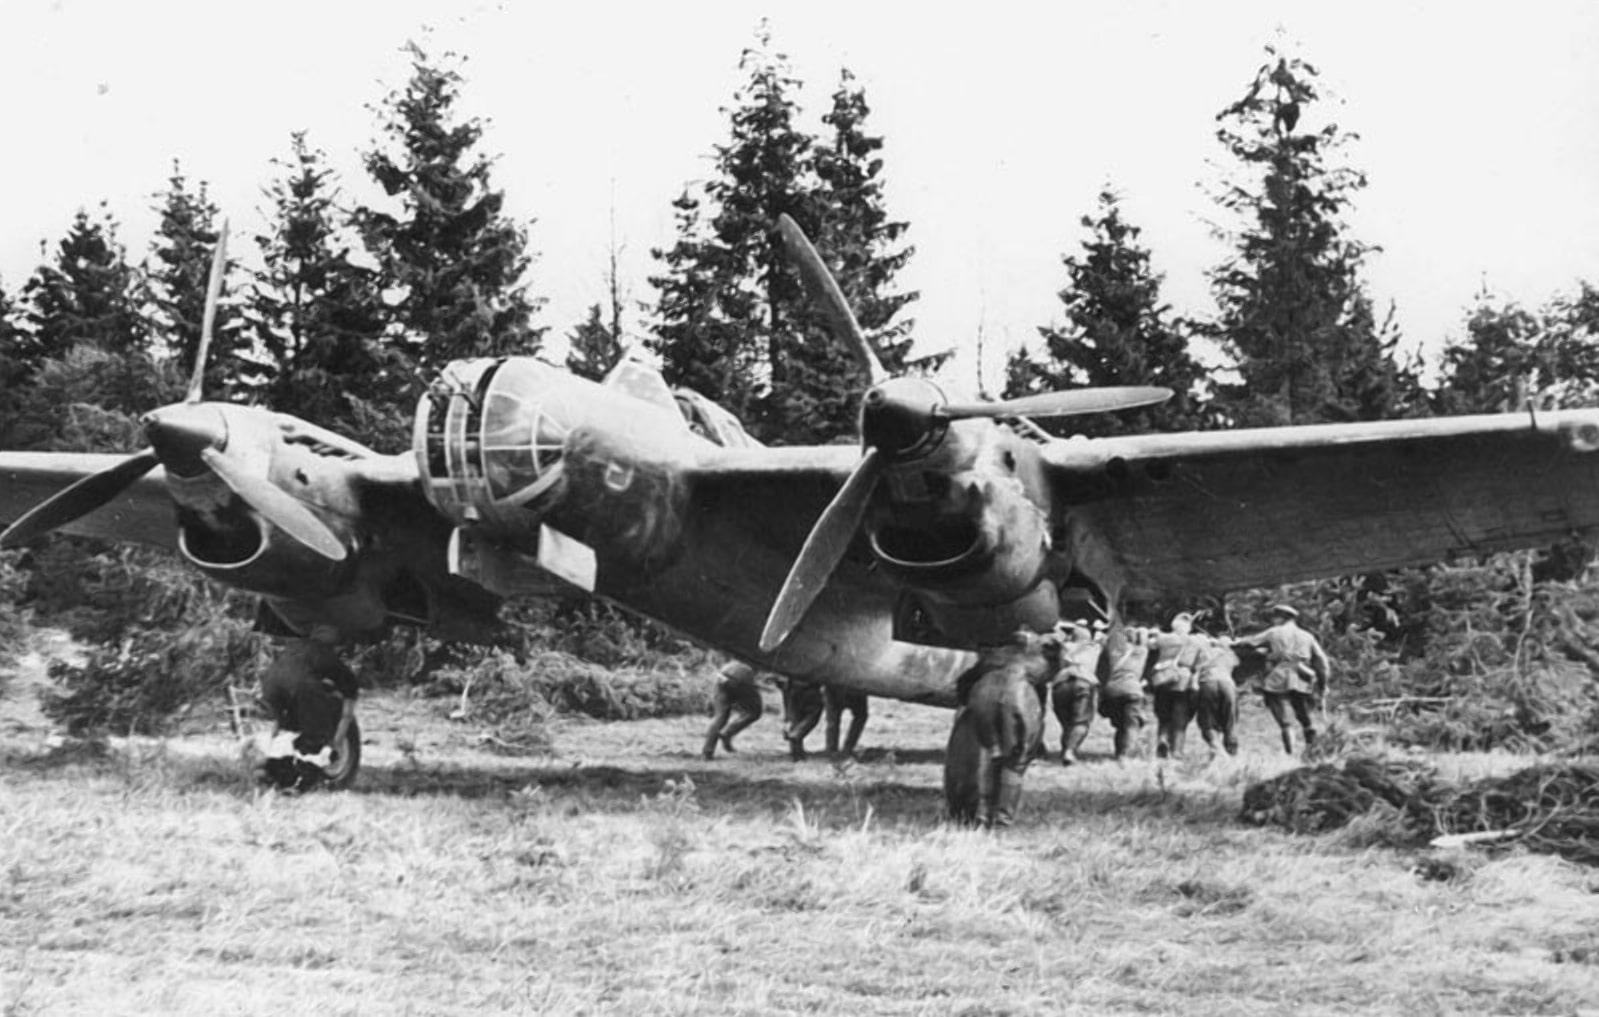 Укрытия и ангары для самолетов были редкостью